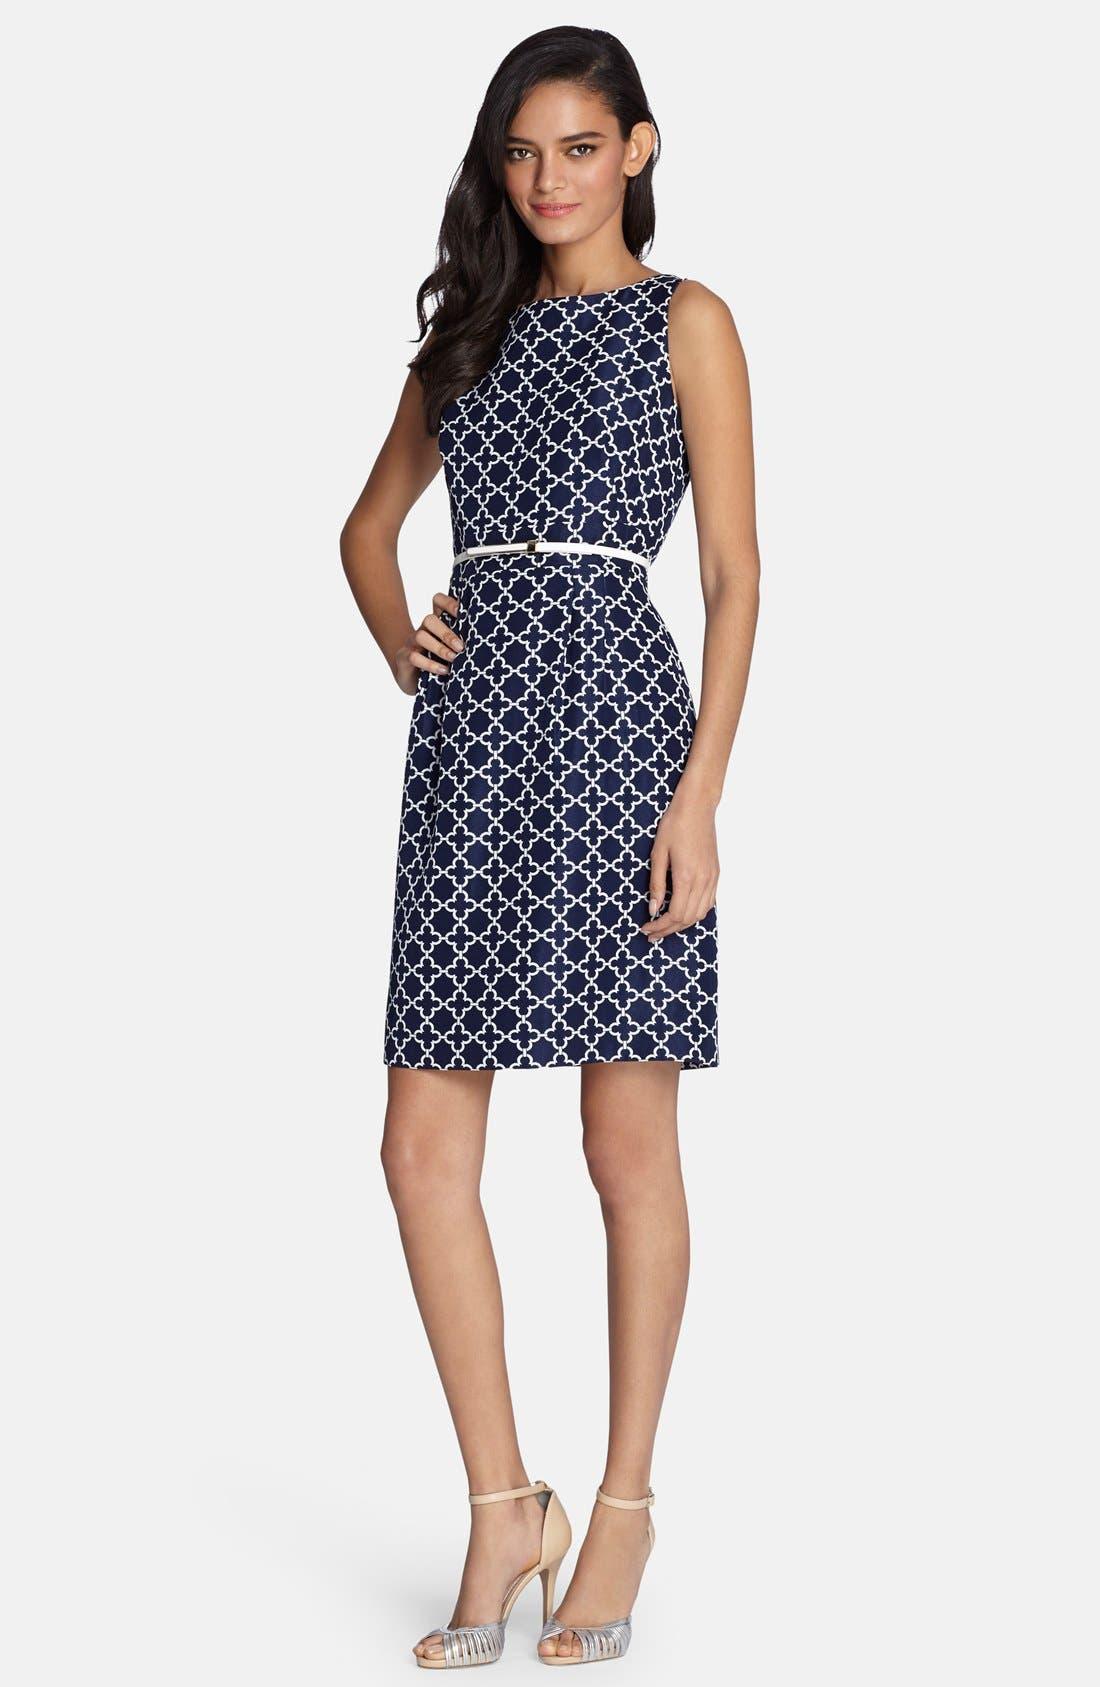 Alternate Image 1 Selected - Tahari Belted Jacquard Sheath Dress (Regular & Petite)